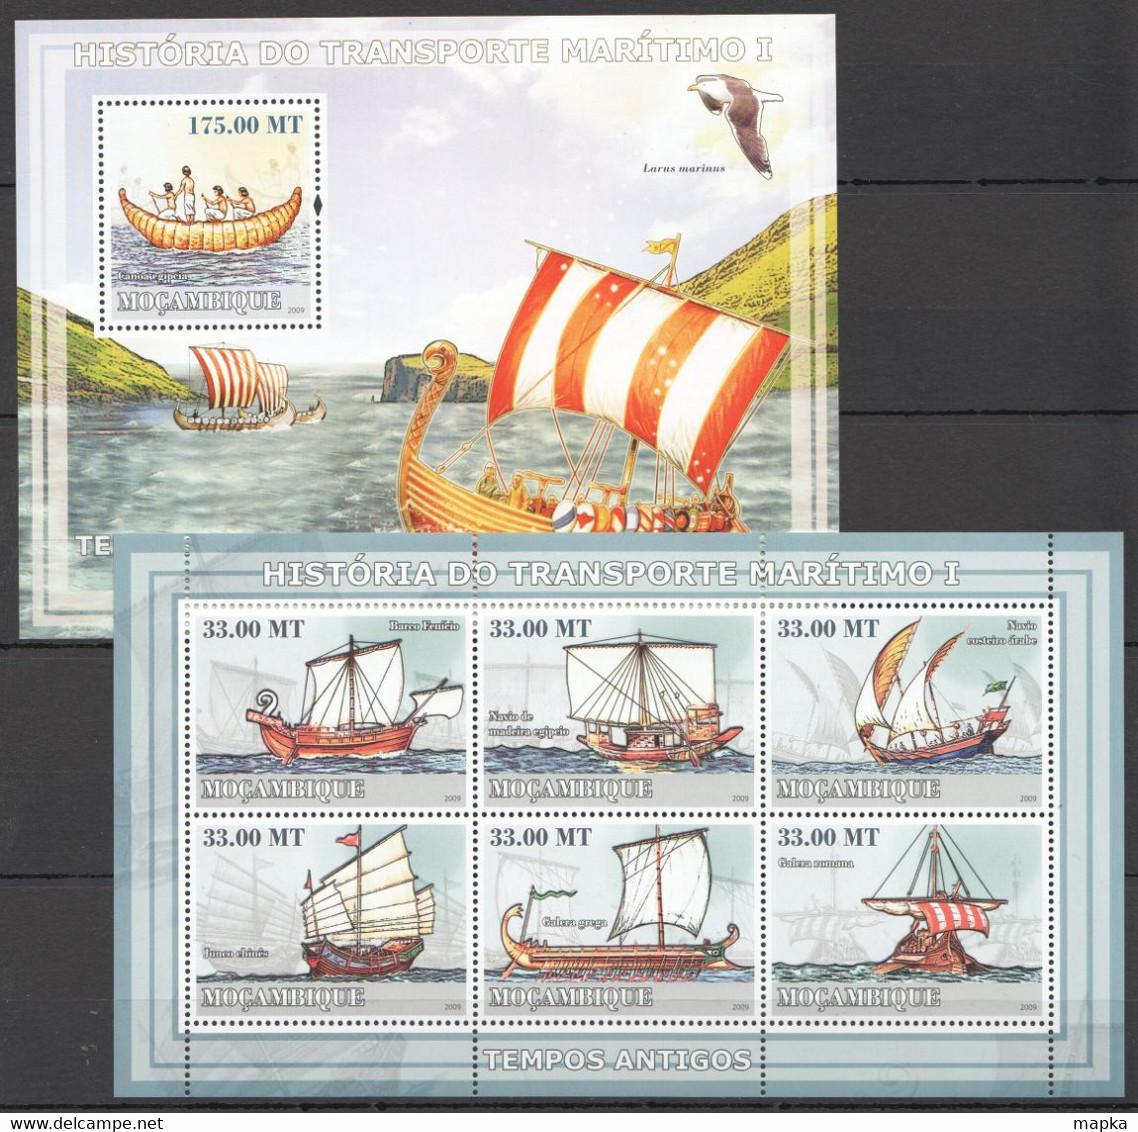 XX625 2009 MOCAMBIQUE SHIPS HISTORIA TRANSPORTE MARITIMO 1 1SH+1BL MNH - Ships